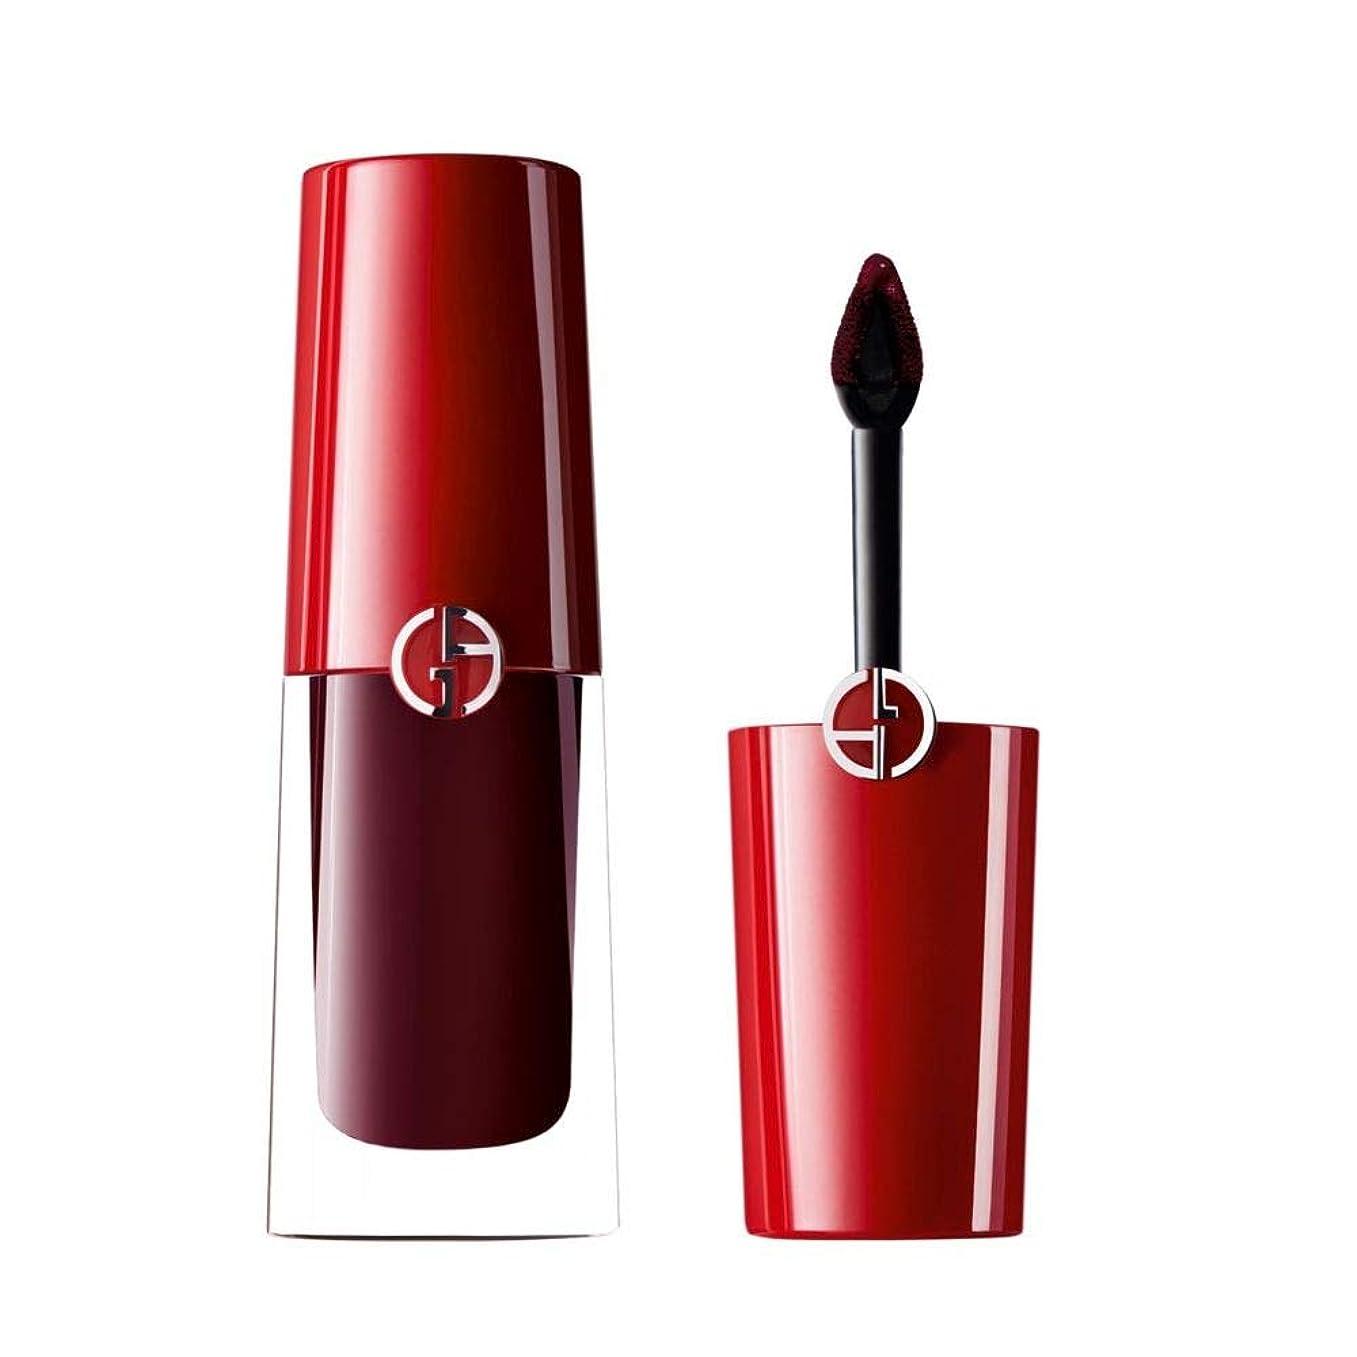 本当のことを言うと優れた深めるジョルジオアルマーニ Lip Magnet Second Skin Intense Matte Color - # 604 Nighttime 3.9ml/0.13oz並行輸入品